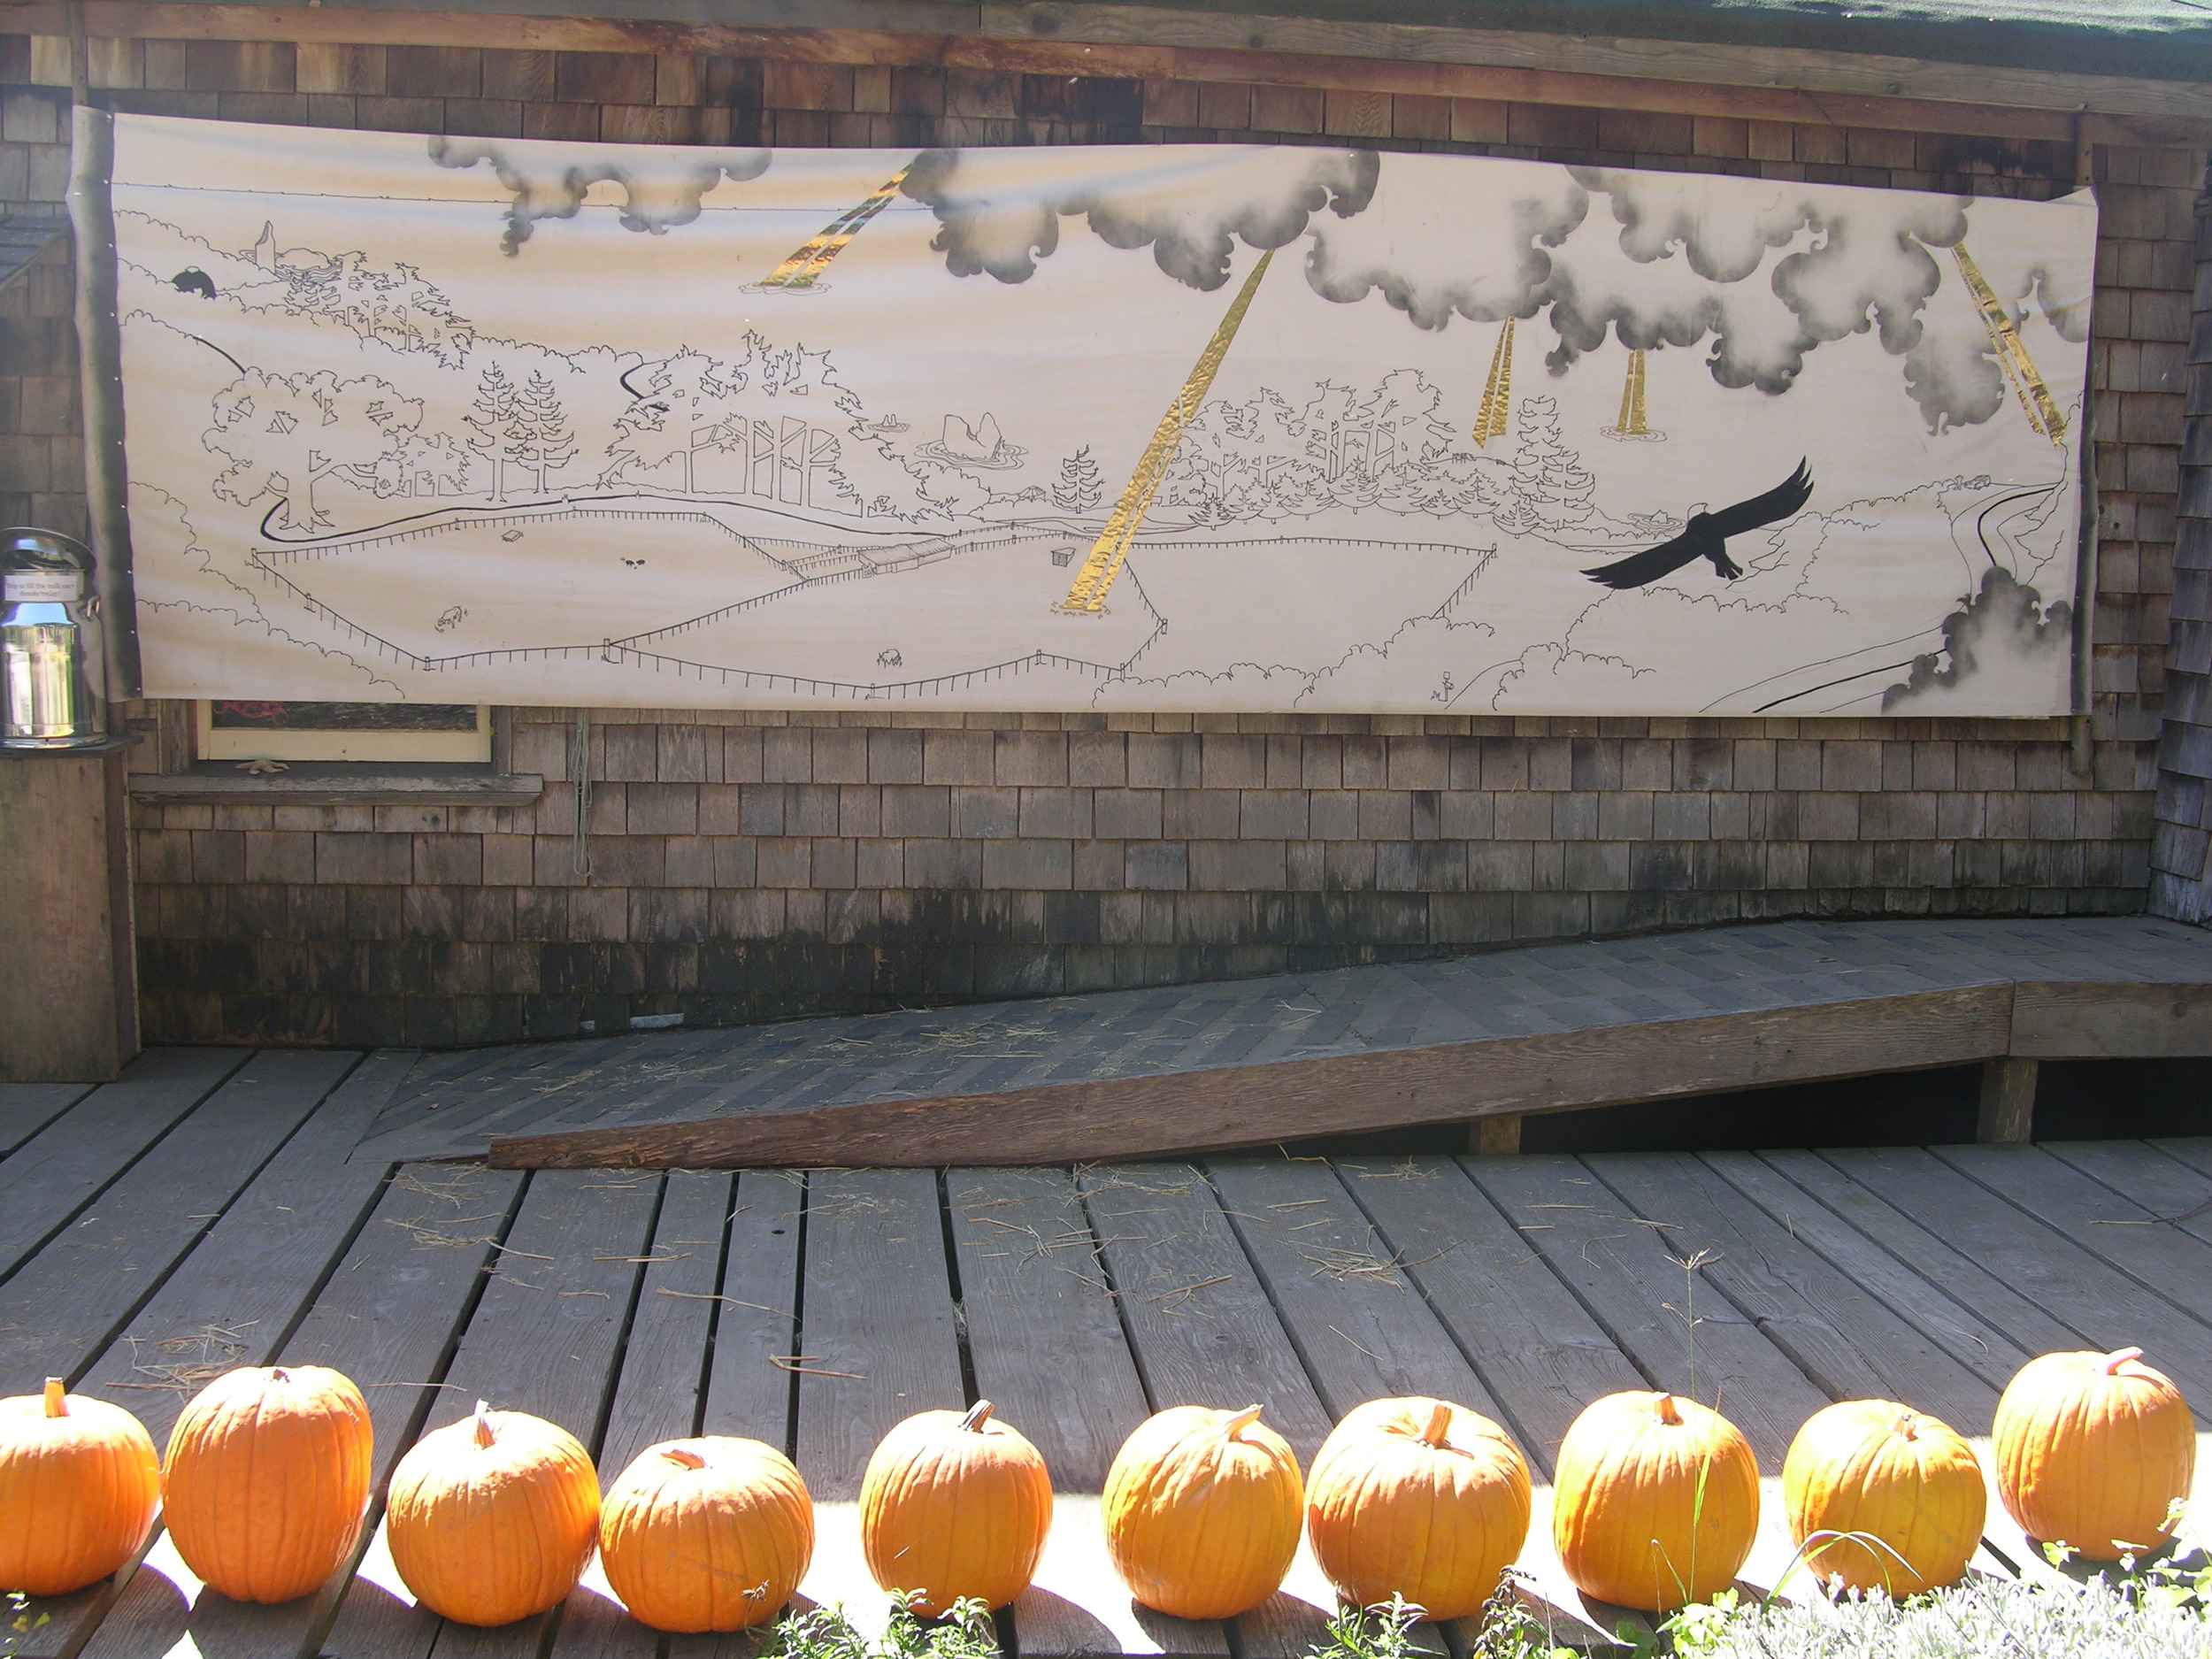 Stage mural for Harvest and Spring Festivals, Slide Ranch, 2011.